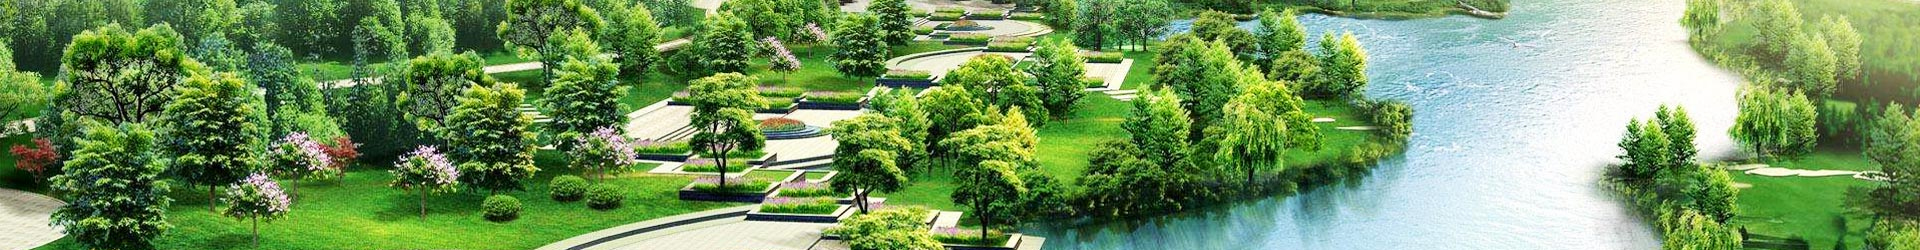 佛甲草绿雕